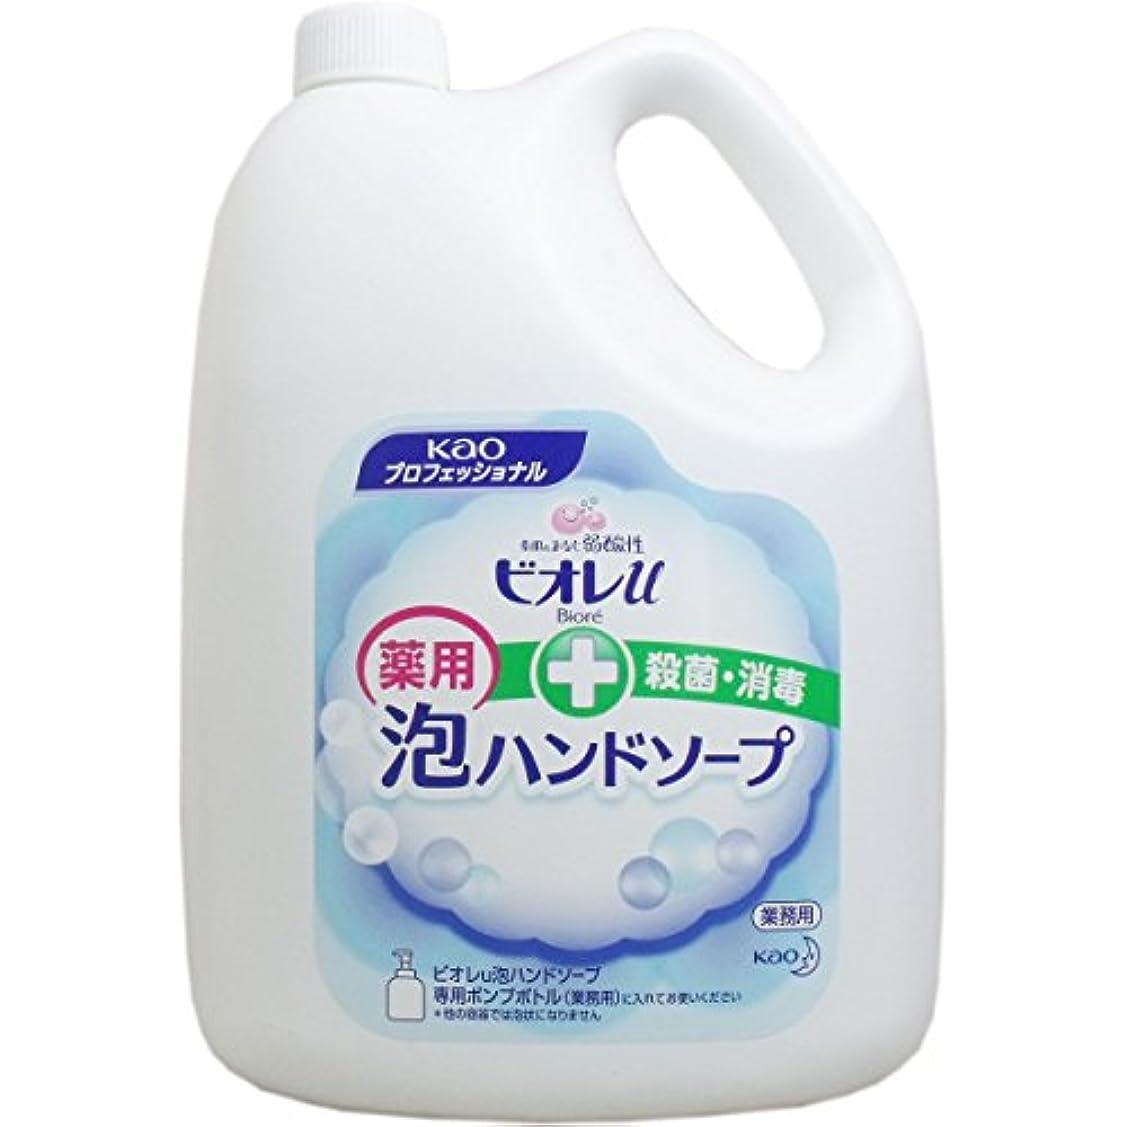 (まとめ) 花王 ビオレu 泡ハンドソープ マイルドシトラスの香り 業務用 4L 1本 【×2セット】